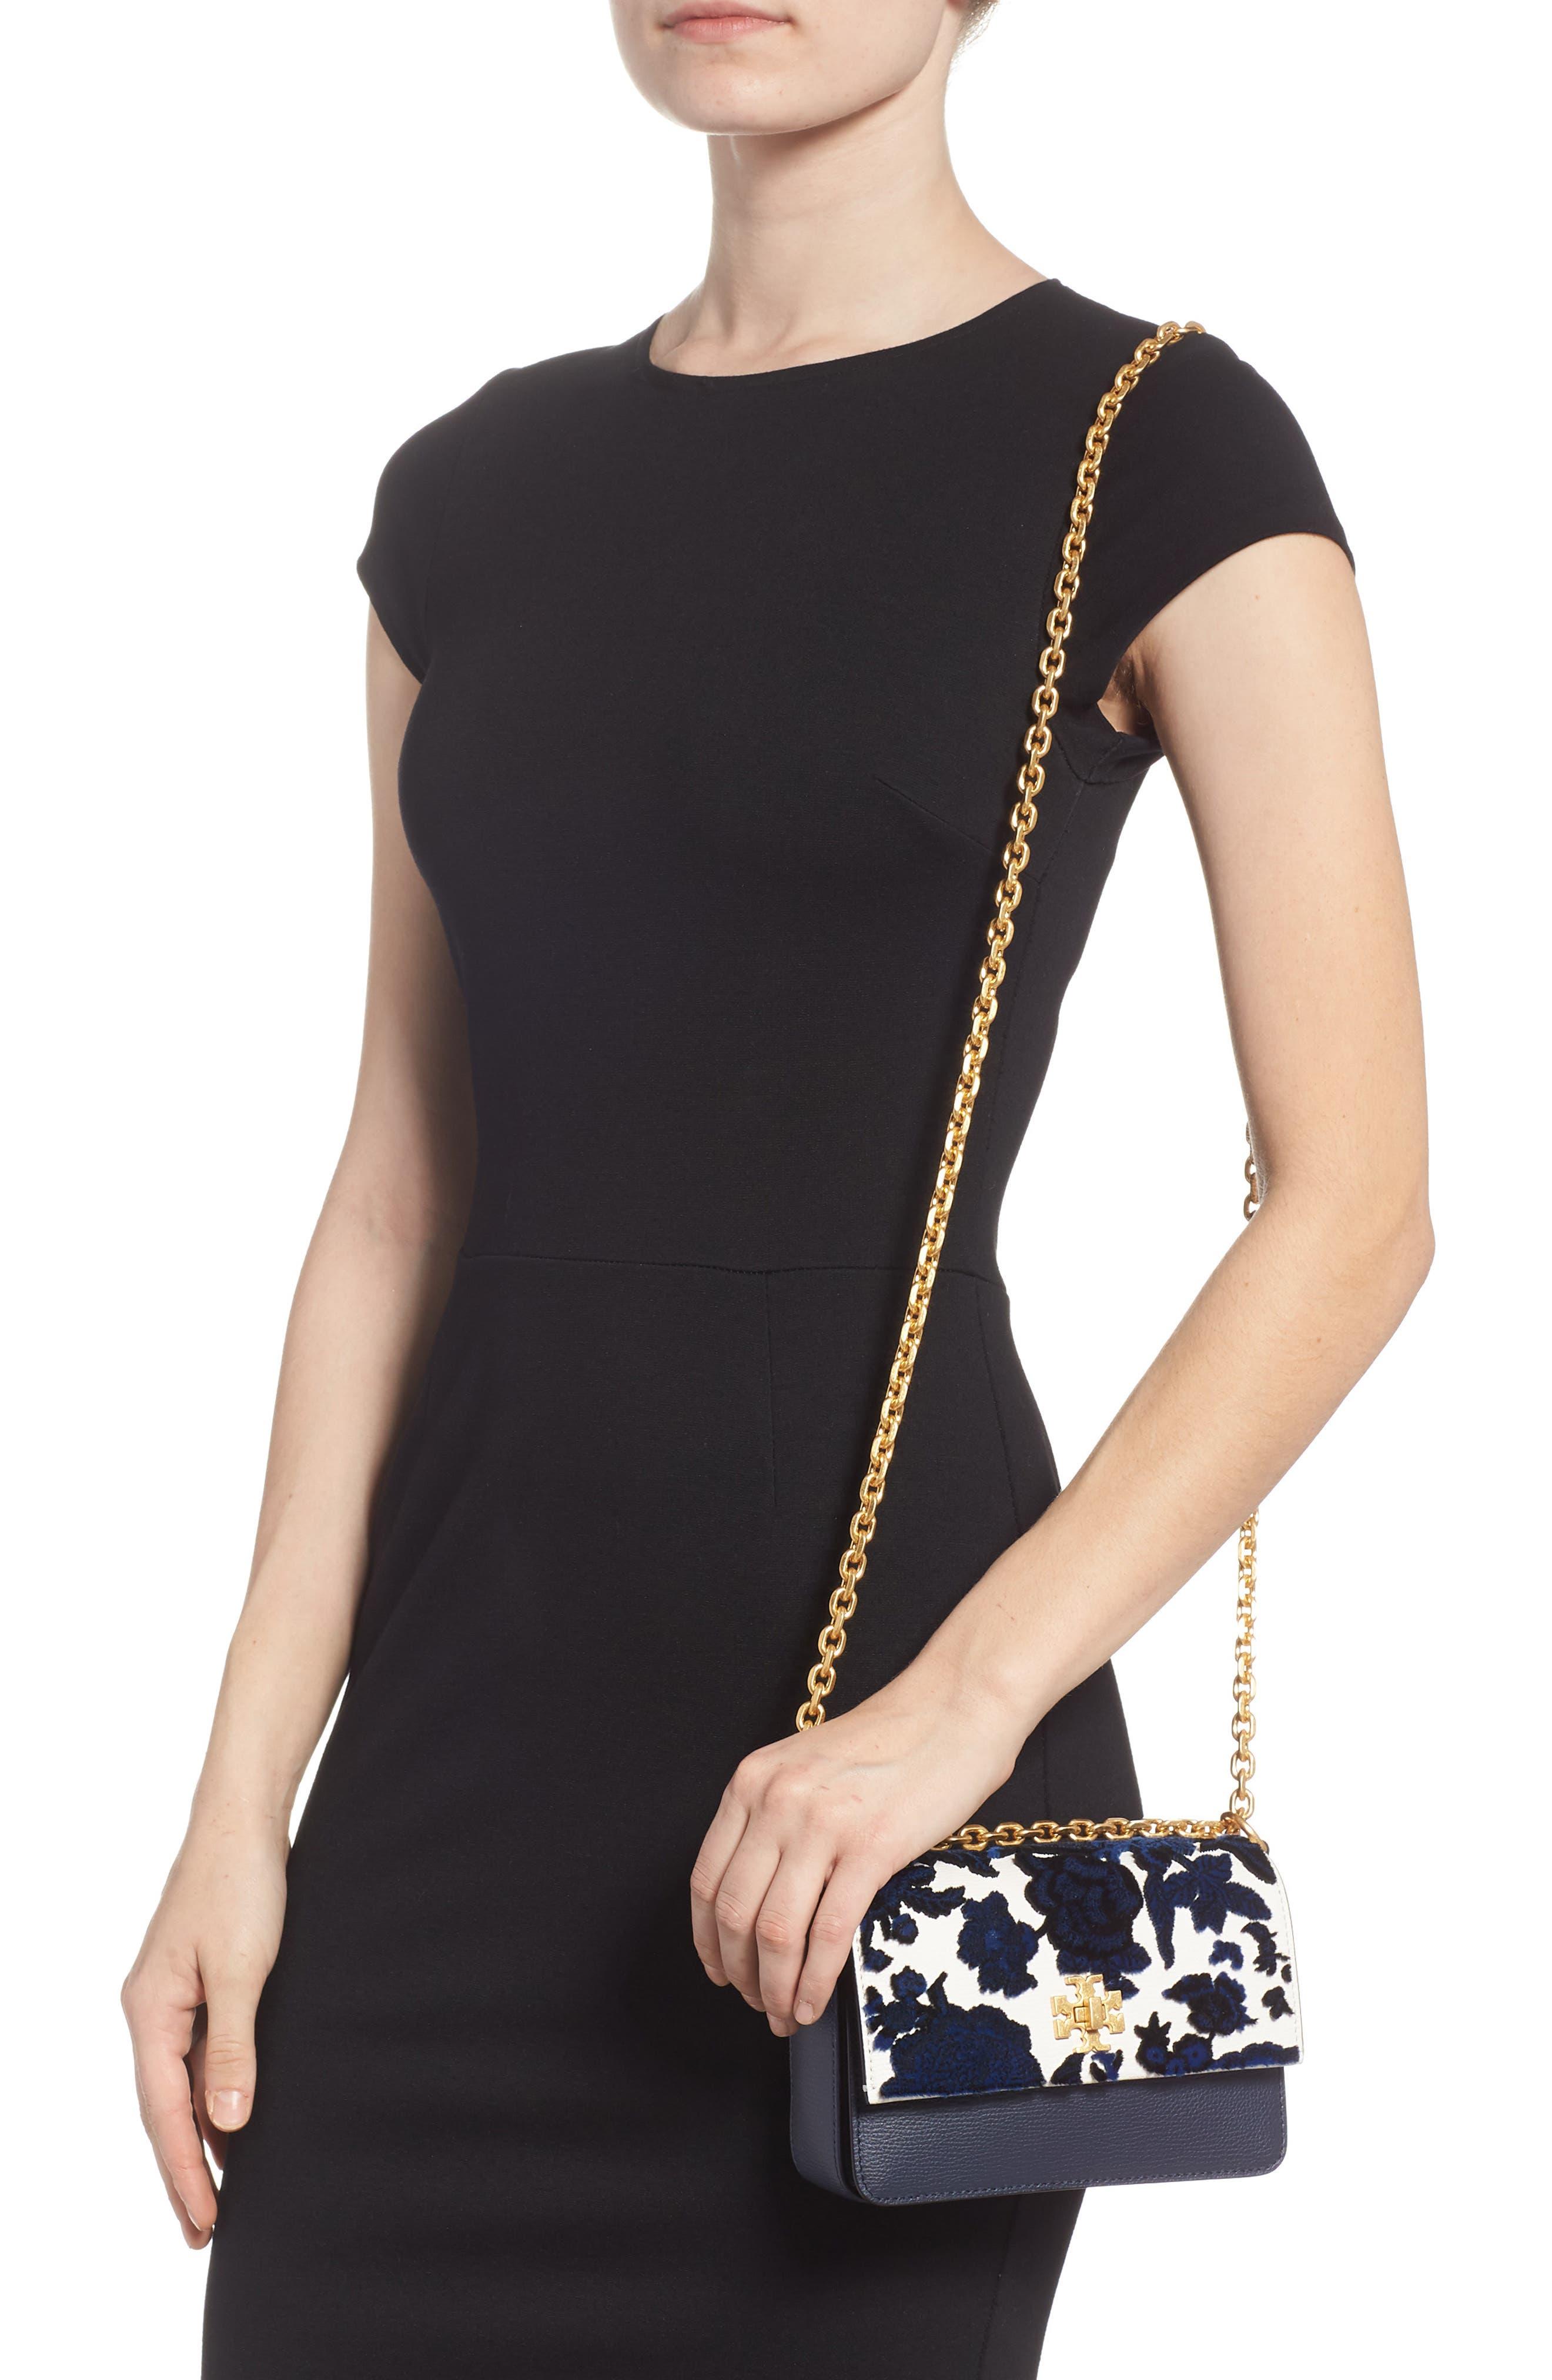 Mini Kira Leather & Fil Coupé Bag,                             Alternate thumbnail 2, color,                             NEUTRAL HAPPY TIMES